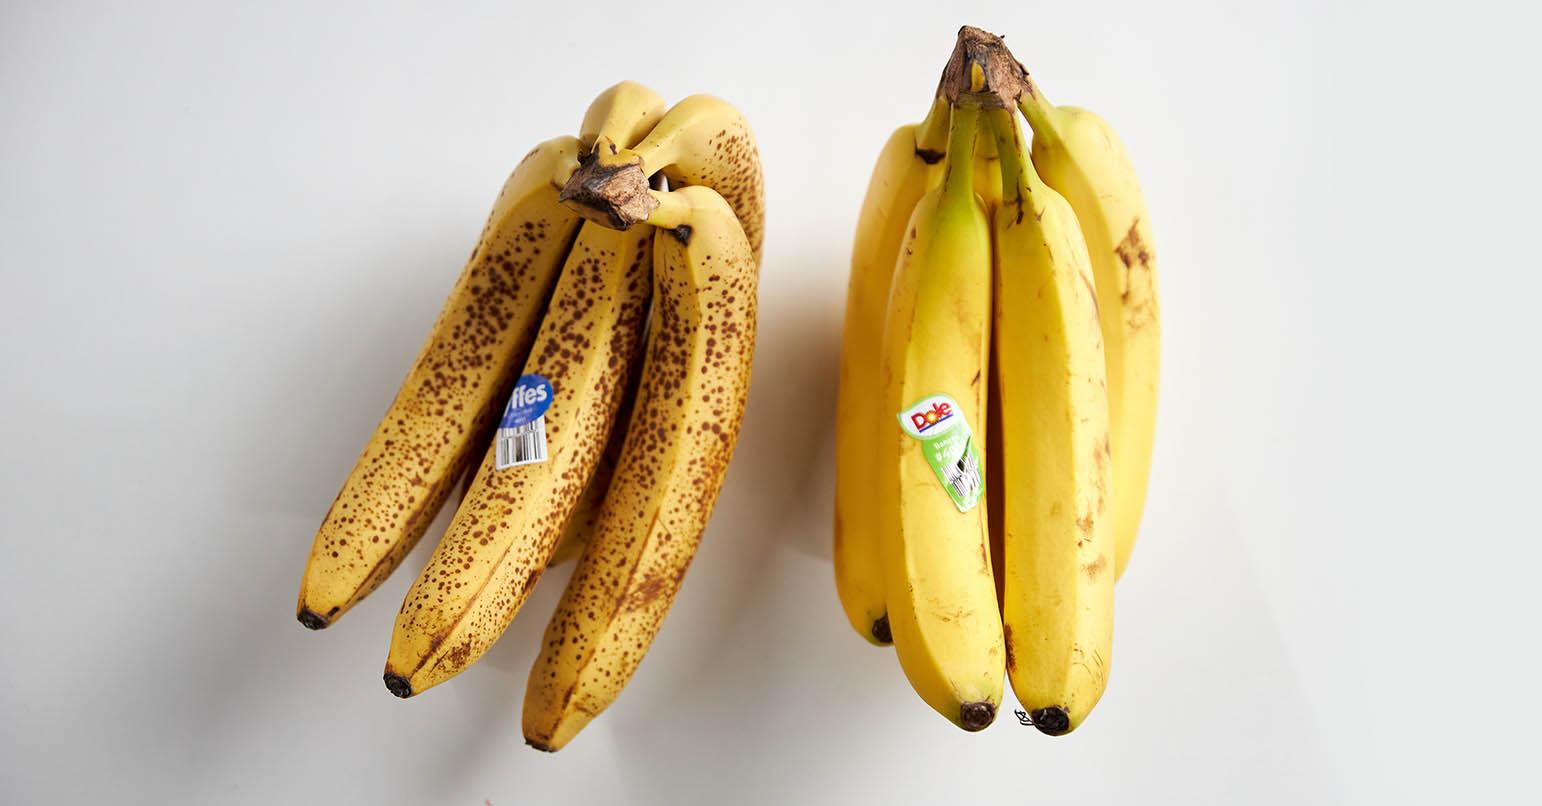 Aldi vs Walmart Bananas